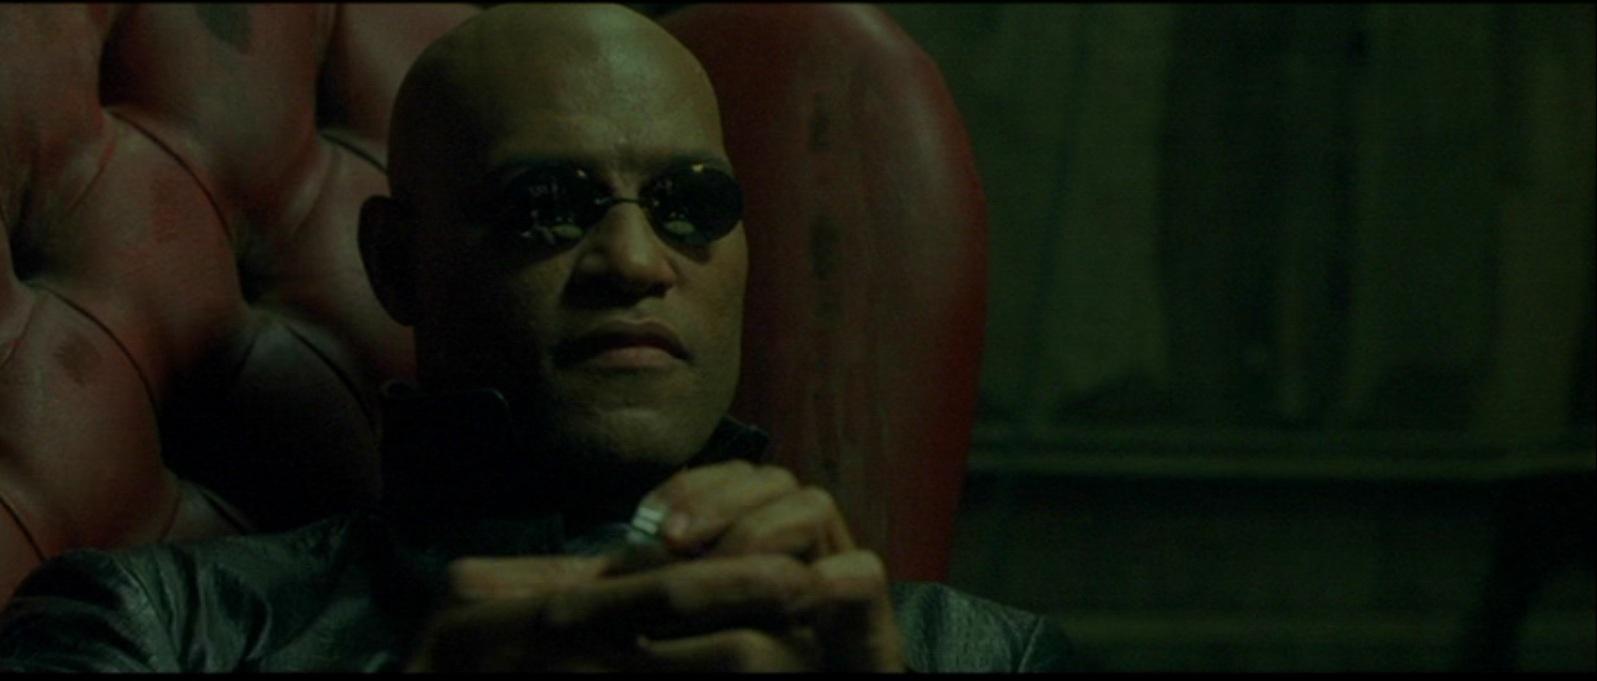 My Favorite Scene The Matrix 1999 The Dojo Fight Killing Time